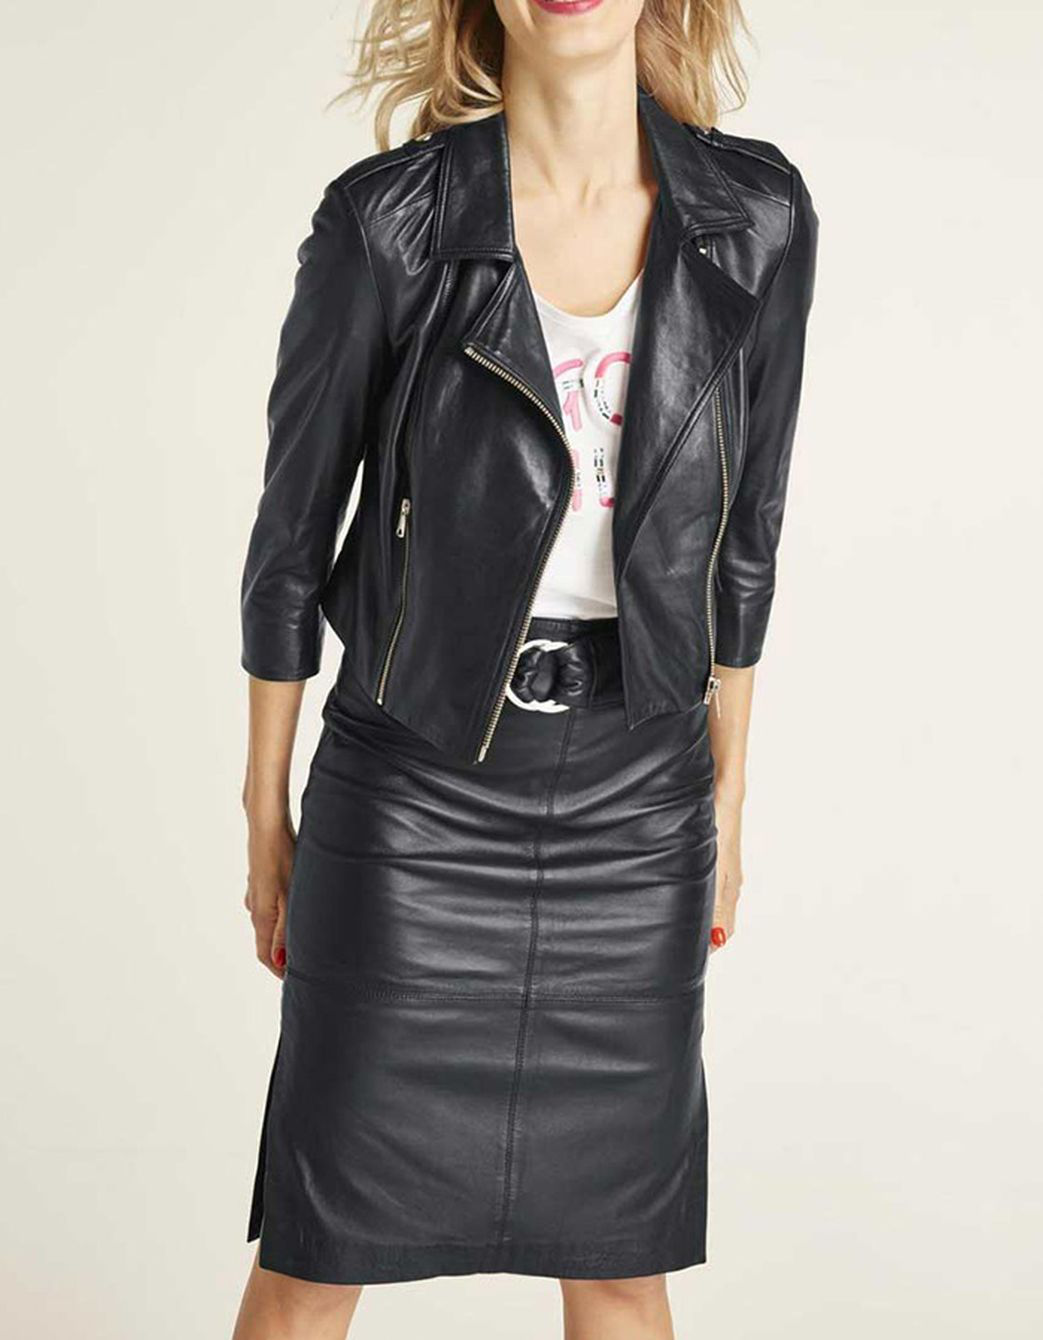 Naujausios odinių drabužių tendencijos